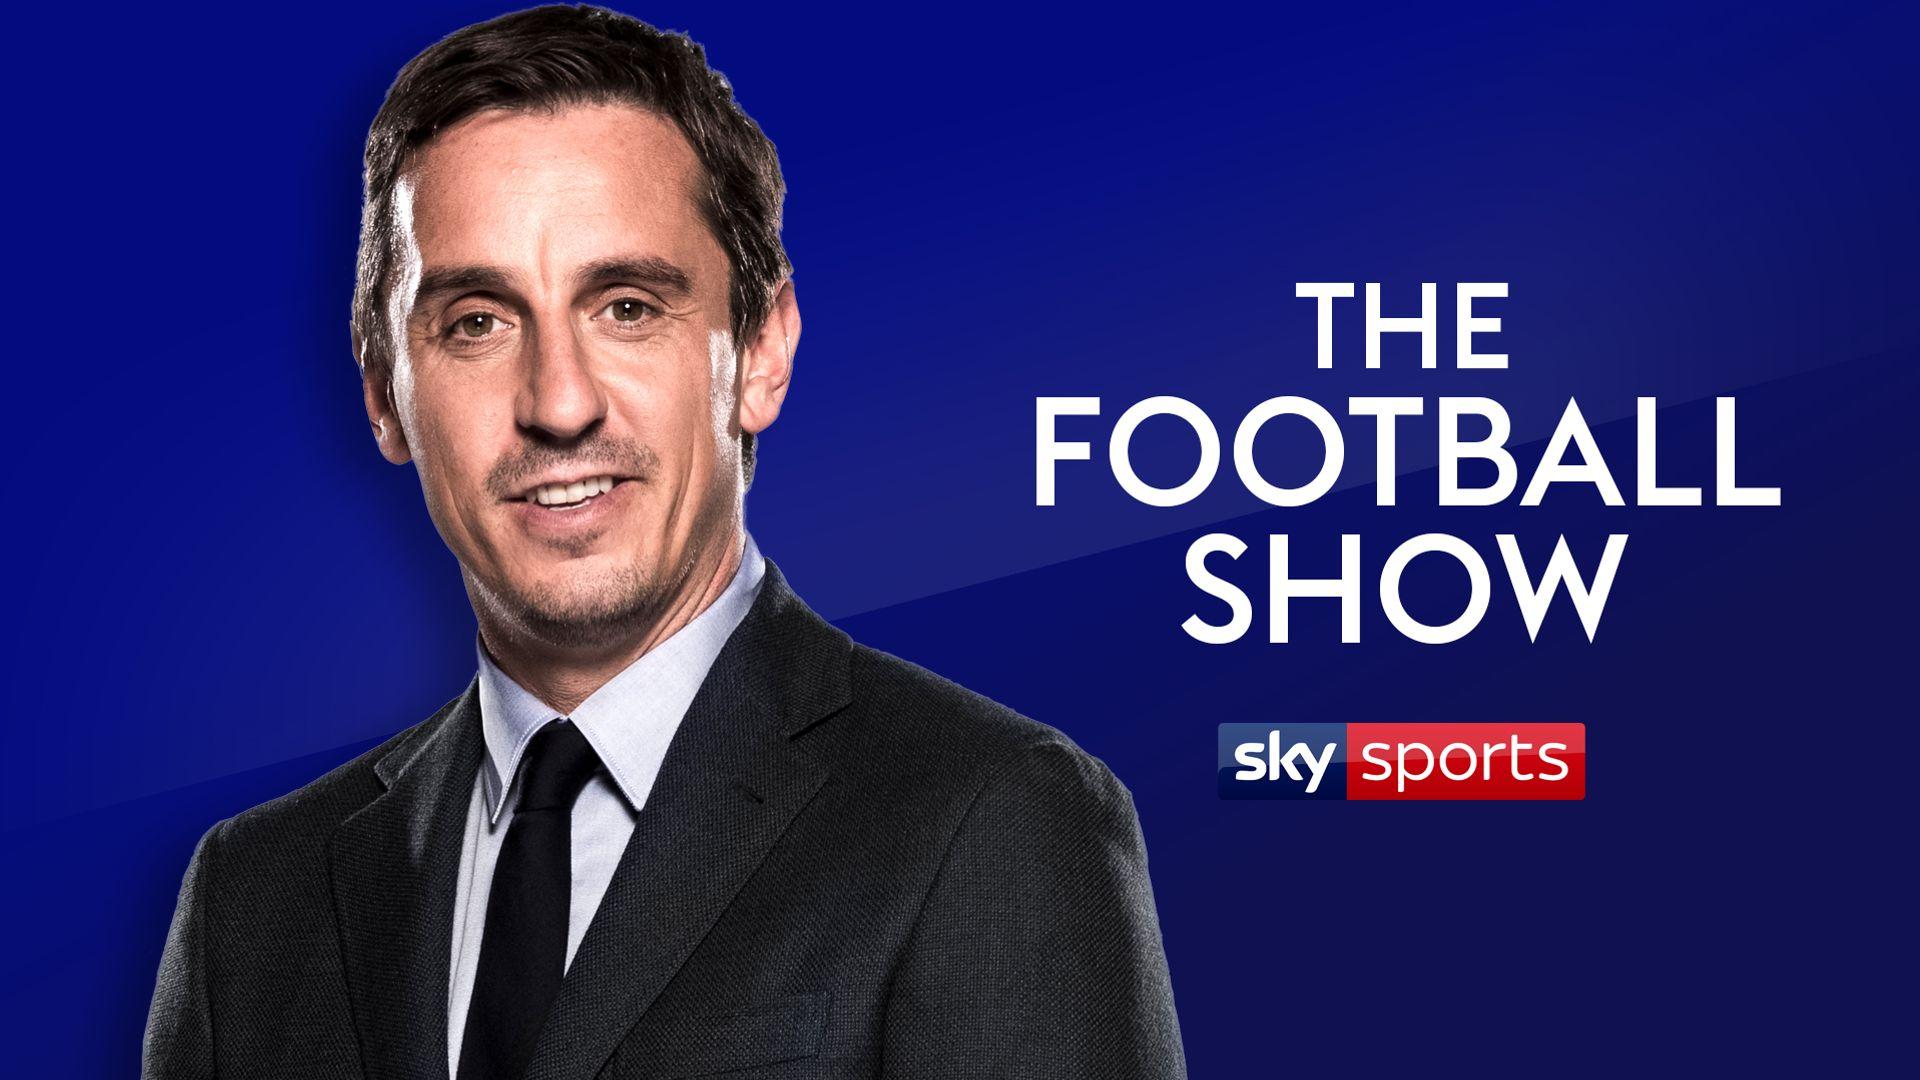 Neville's relief at Premier League return